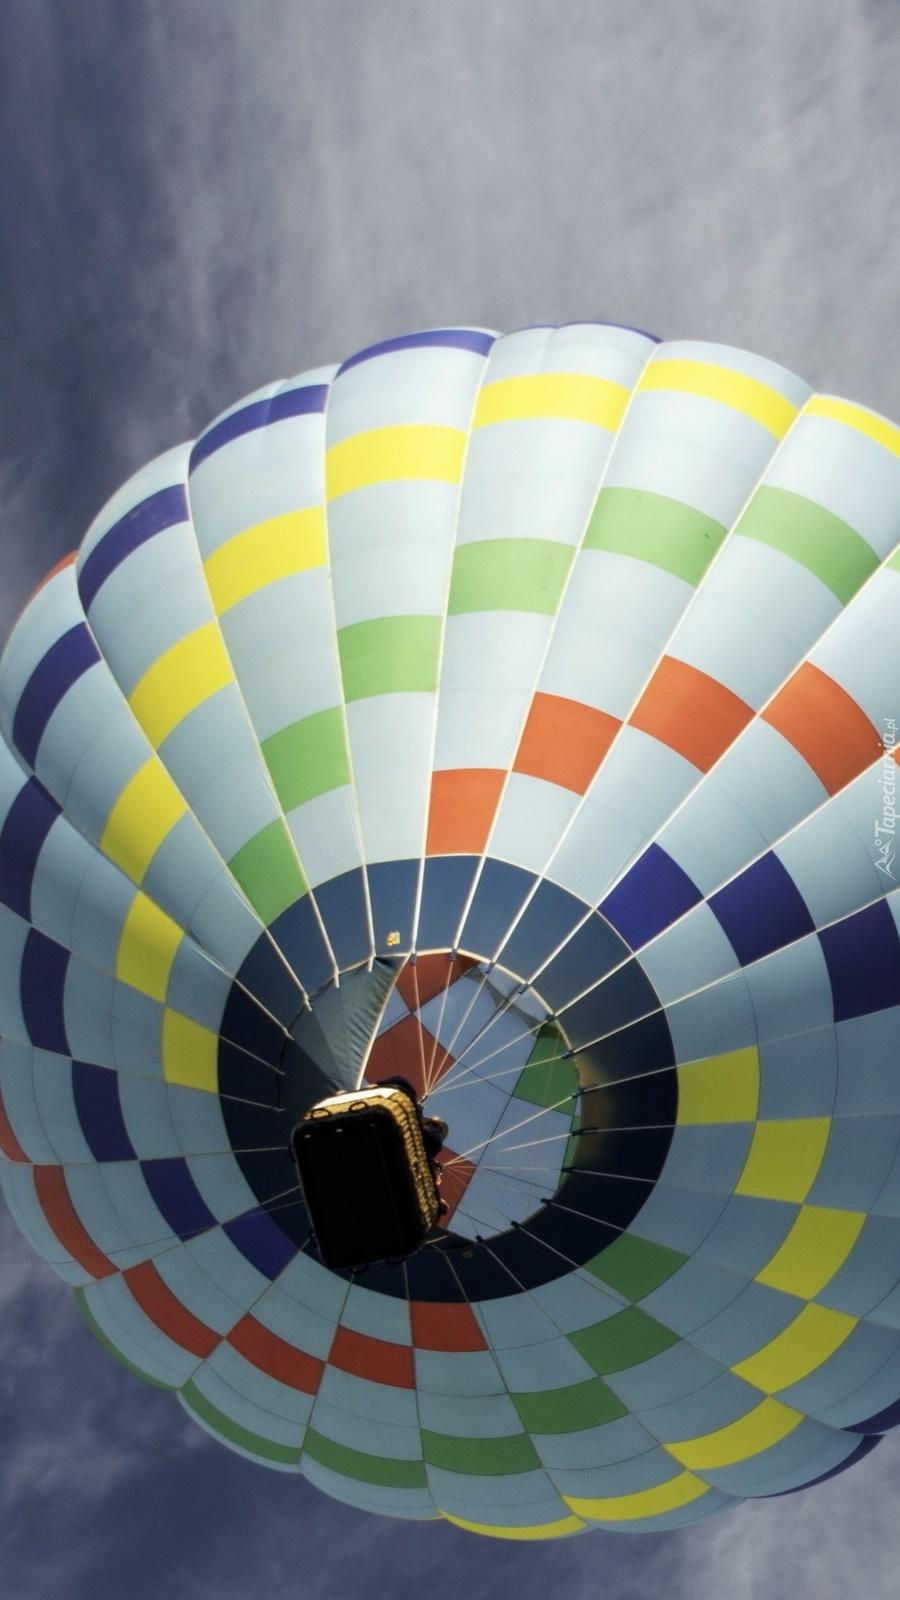 Balon w przestworzach